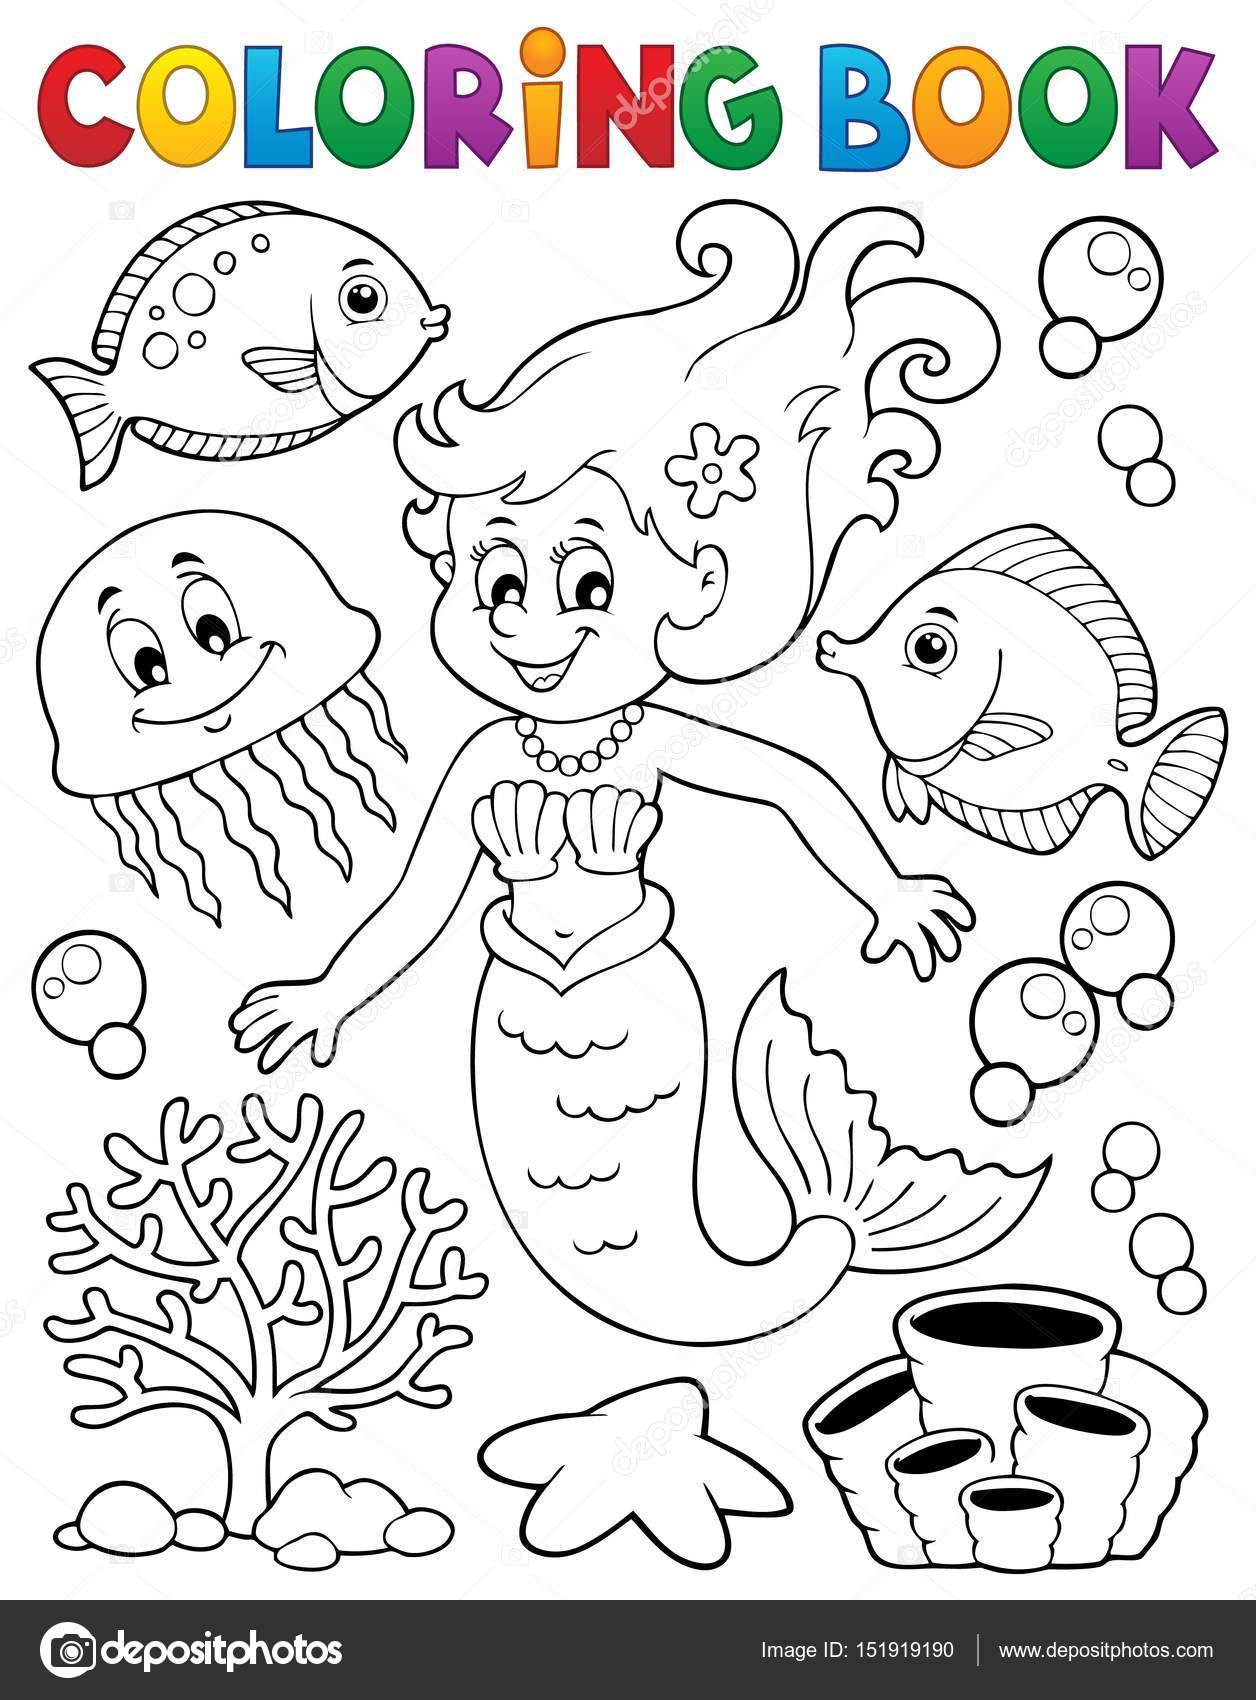 Tema de sirena para colorear libro 2 — Archivo Imágenes Vectoriales ...